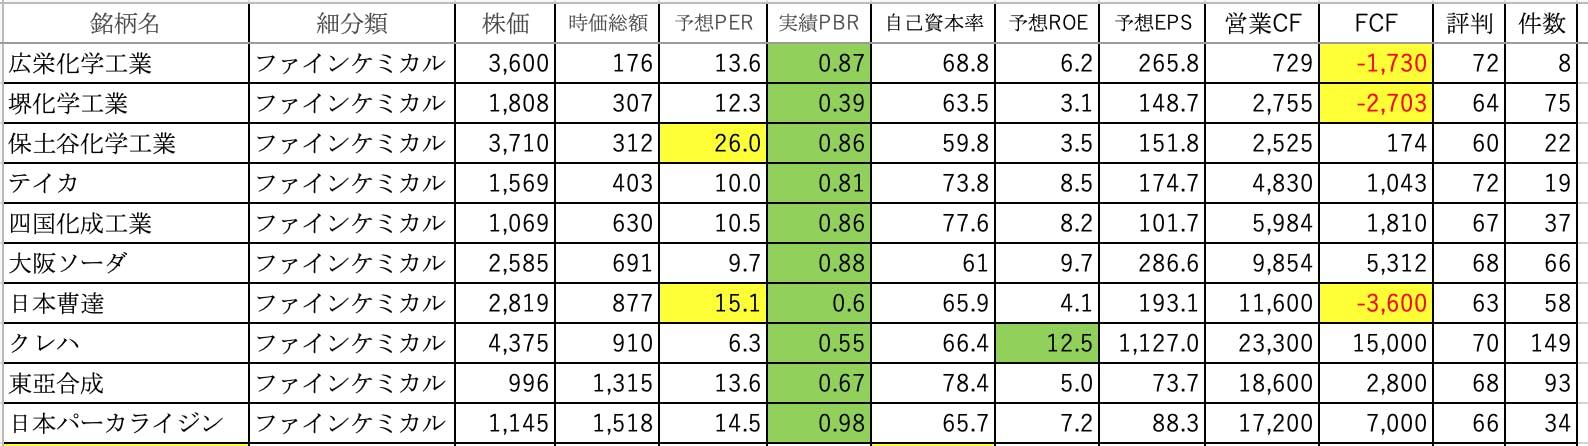 堺 化学 株価